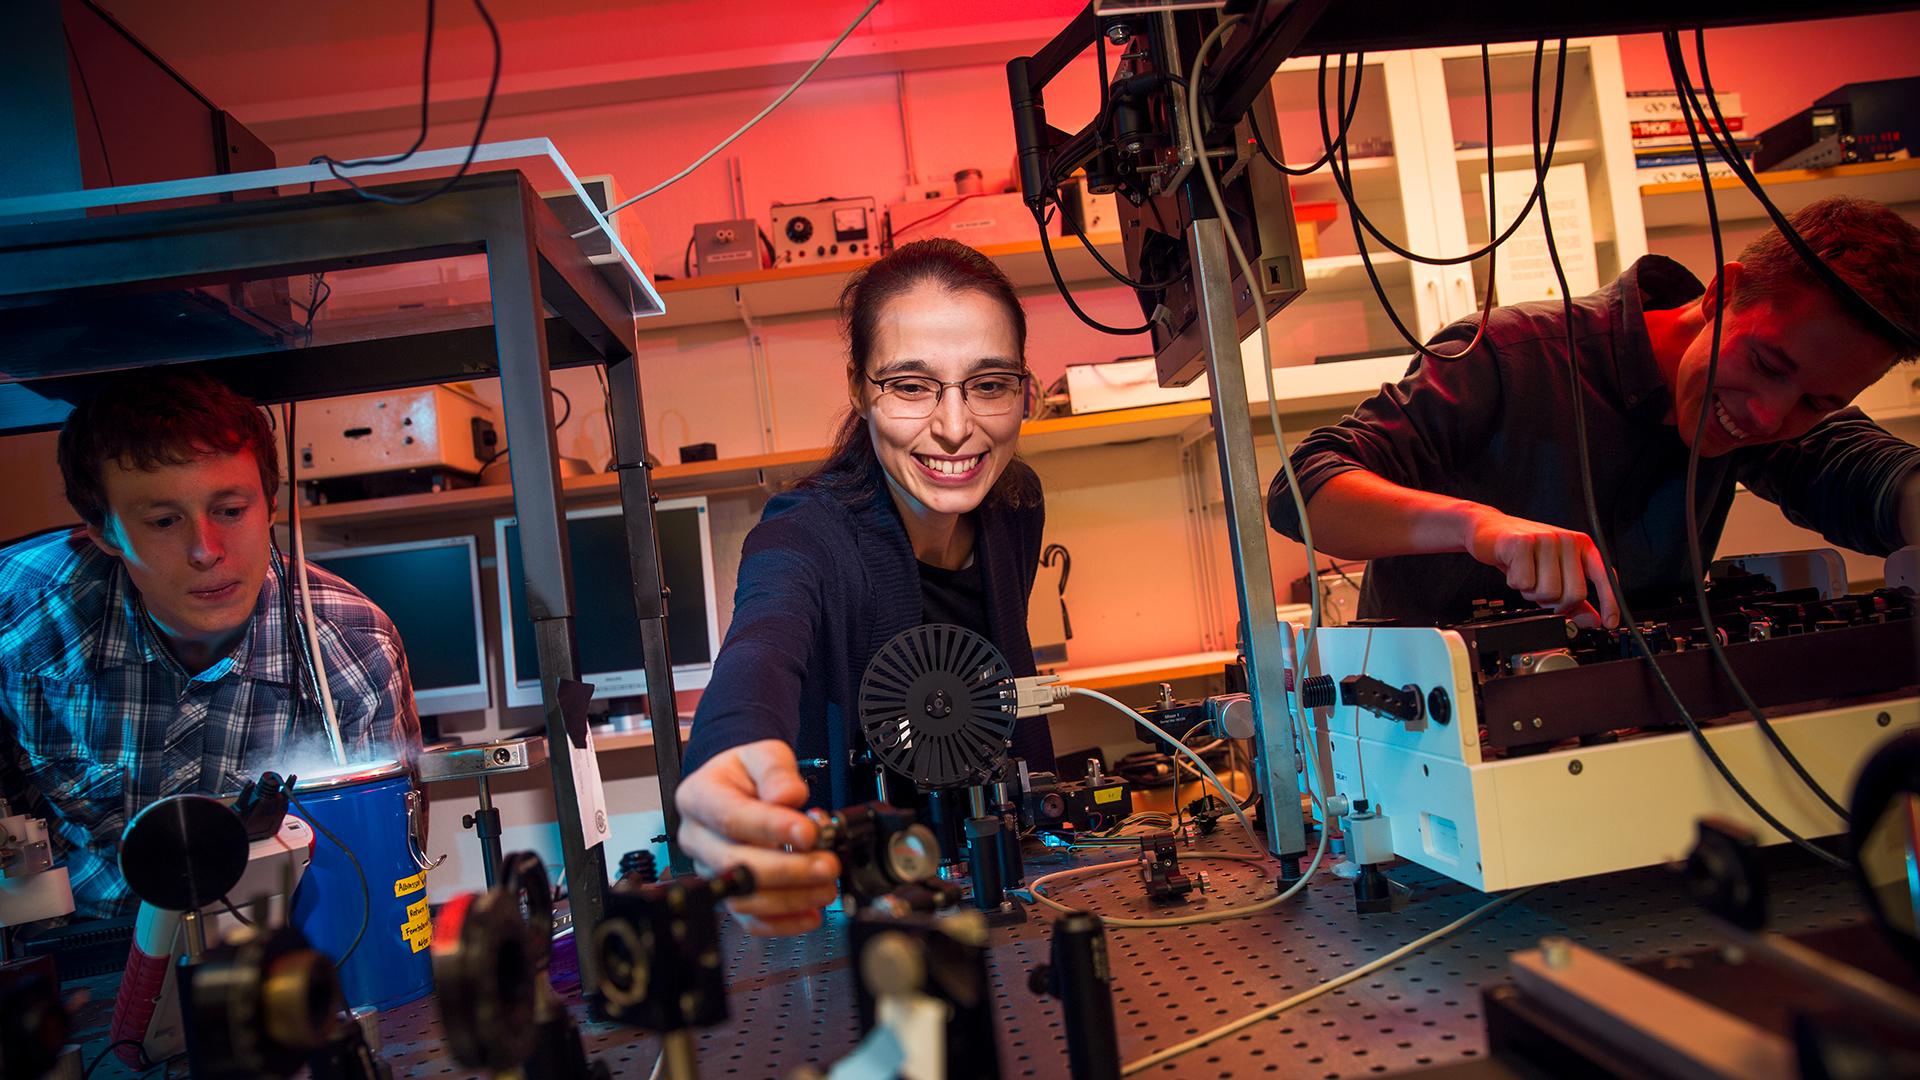 Betül Küçüköz arbetar i labbet med sina kollegor på fysikinstitutionen vid Chalmers tekniska högskola i Göteborg.